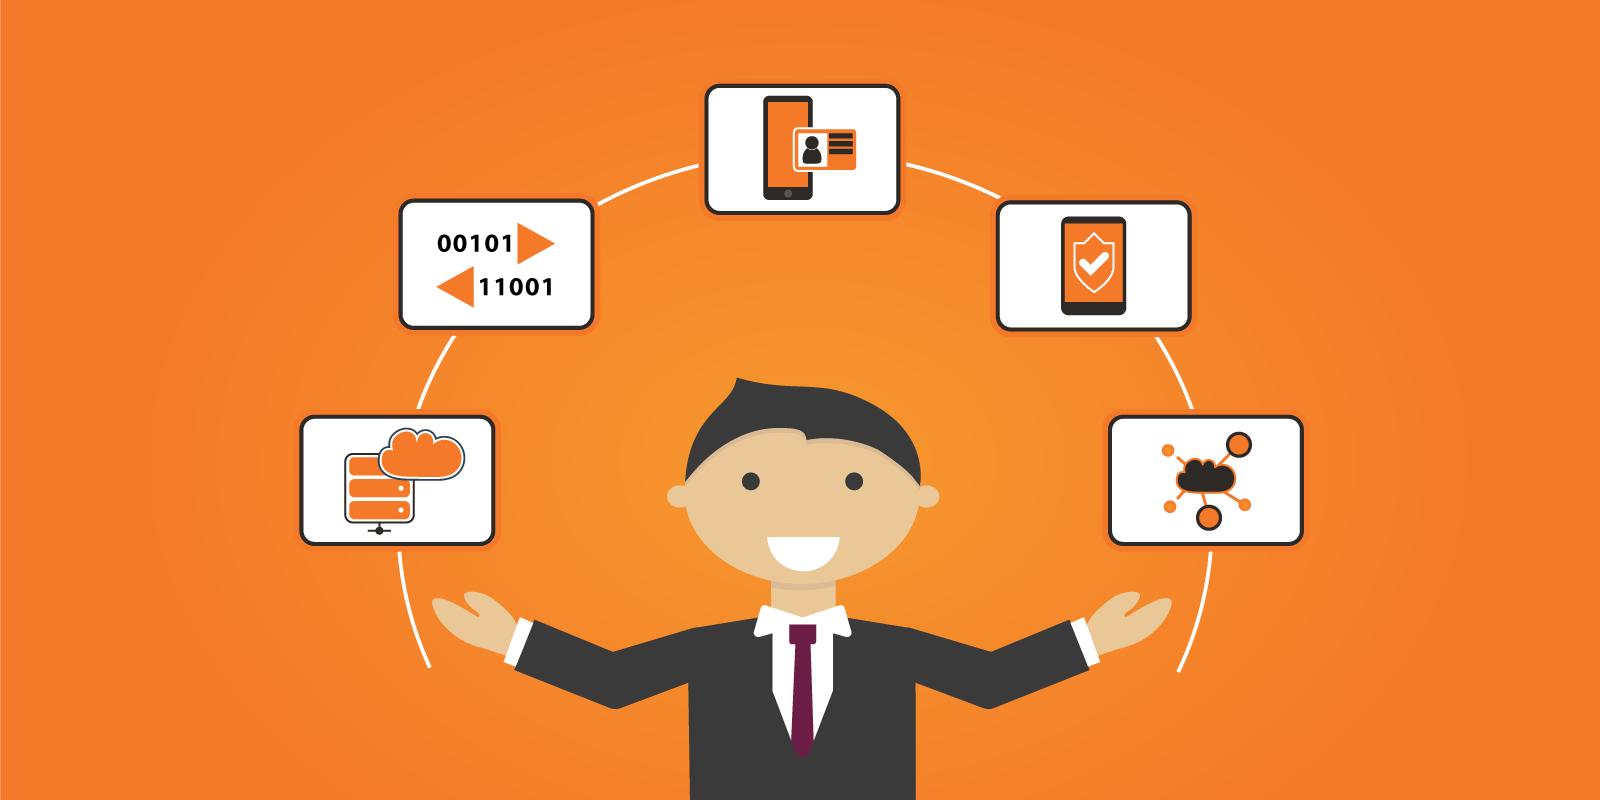 Как модерните ИТ системи повишават ефективността на бизнеса - balkanservices.com